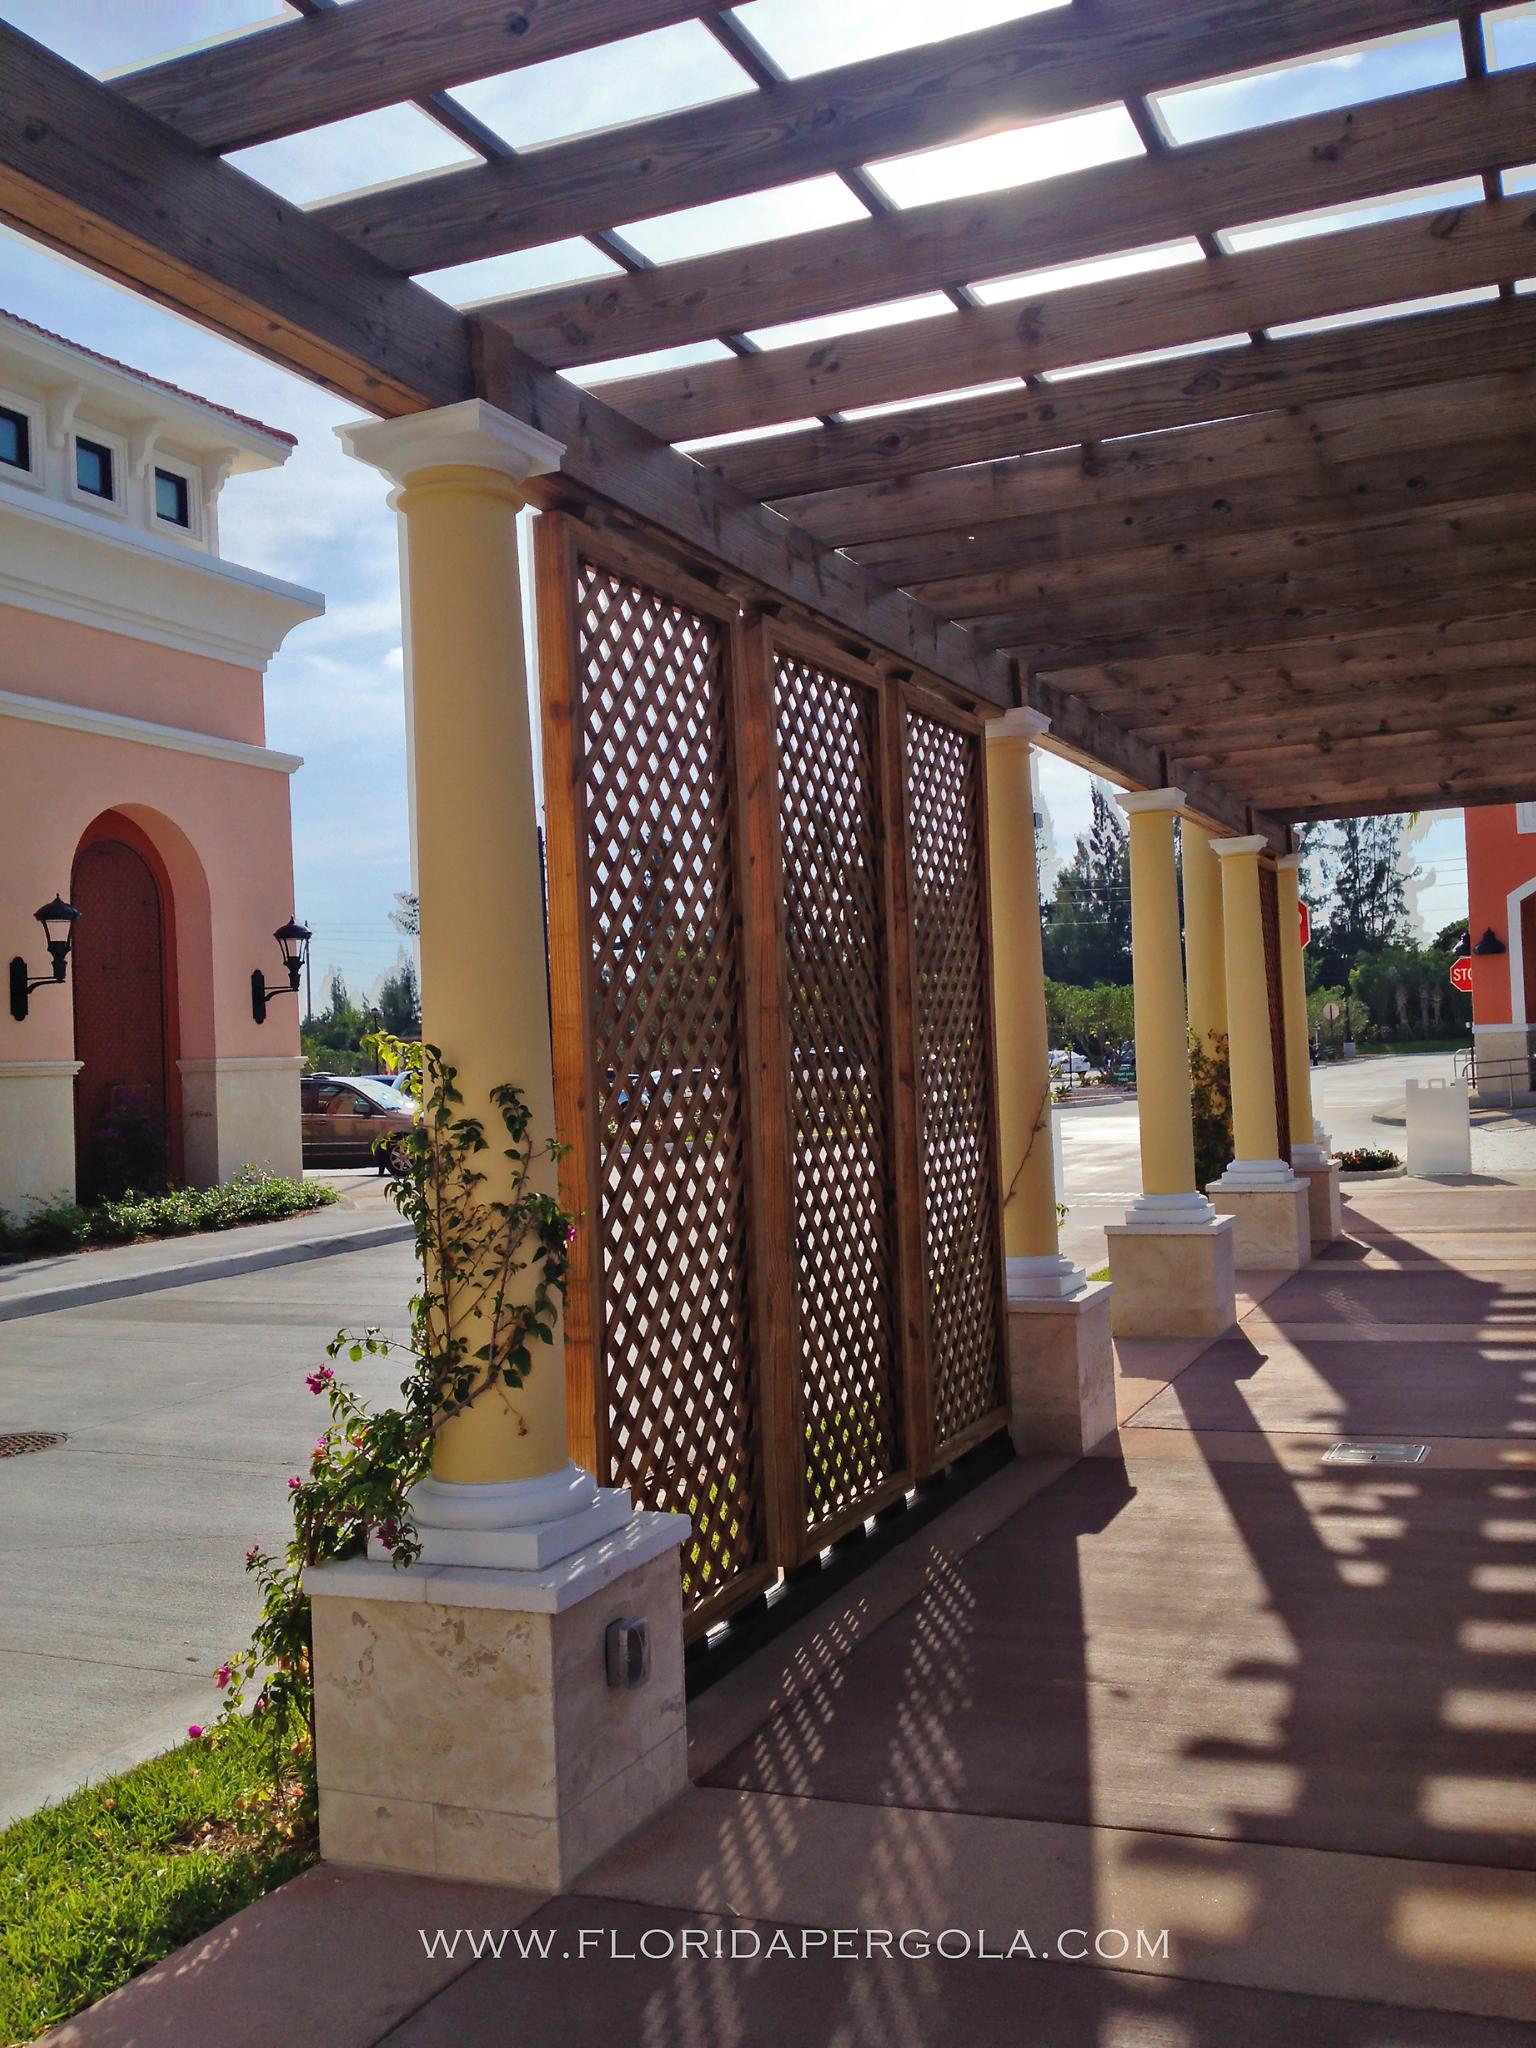 Publix Shopping Center-Delray